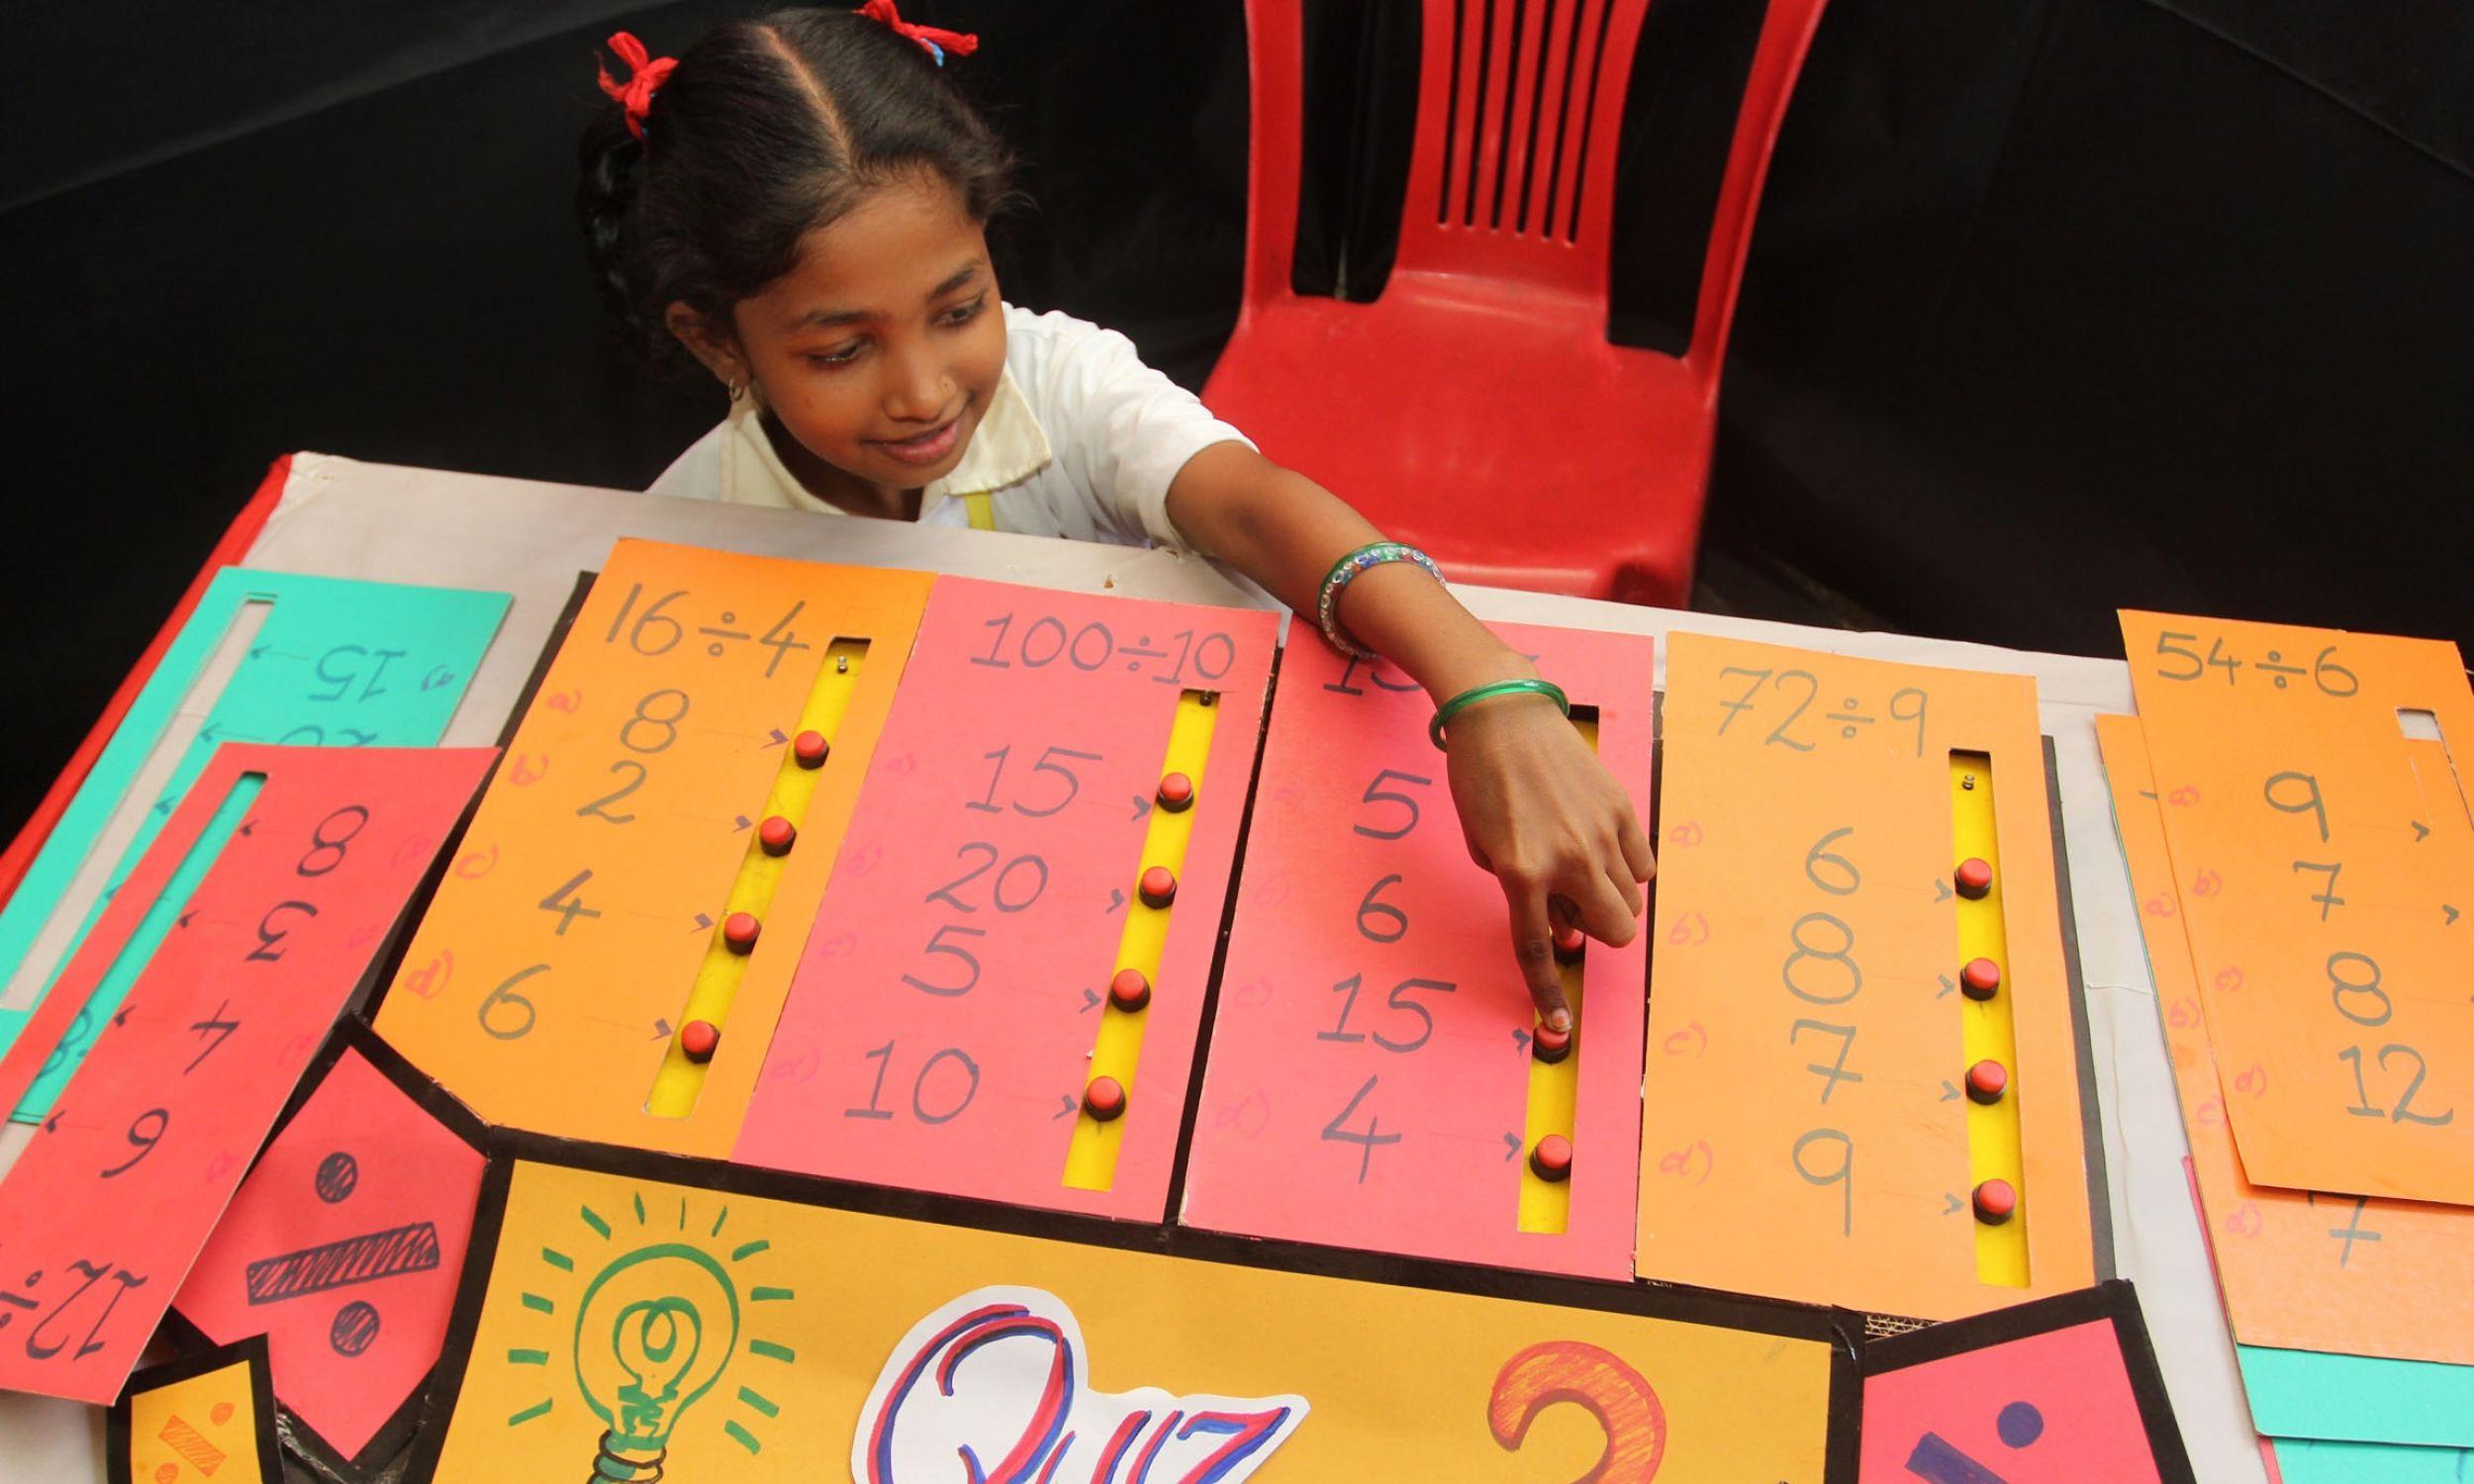 Lekcja matematyki poprzez zabawną naukę i praktyczne zastosowanie w TMC School 69 w Bombaju w Indiach. Fot. Praful Gangurde/Hindustan Times via Getty Images